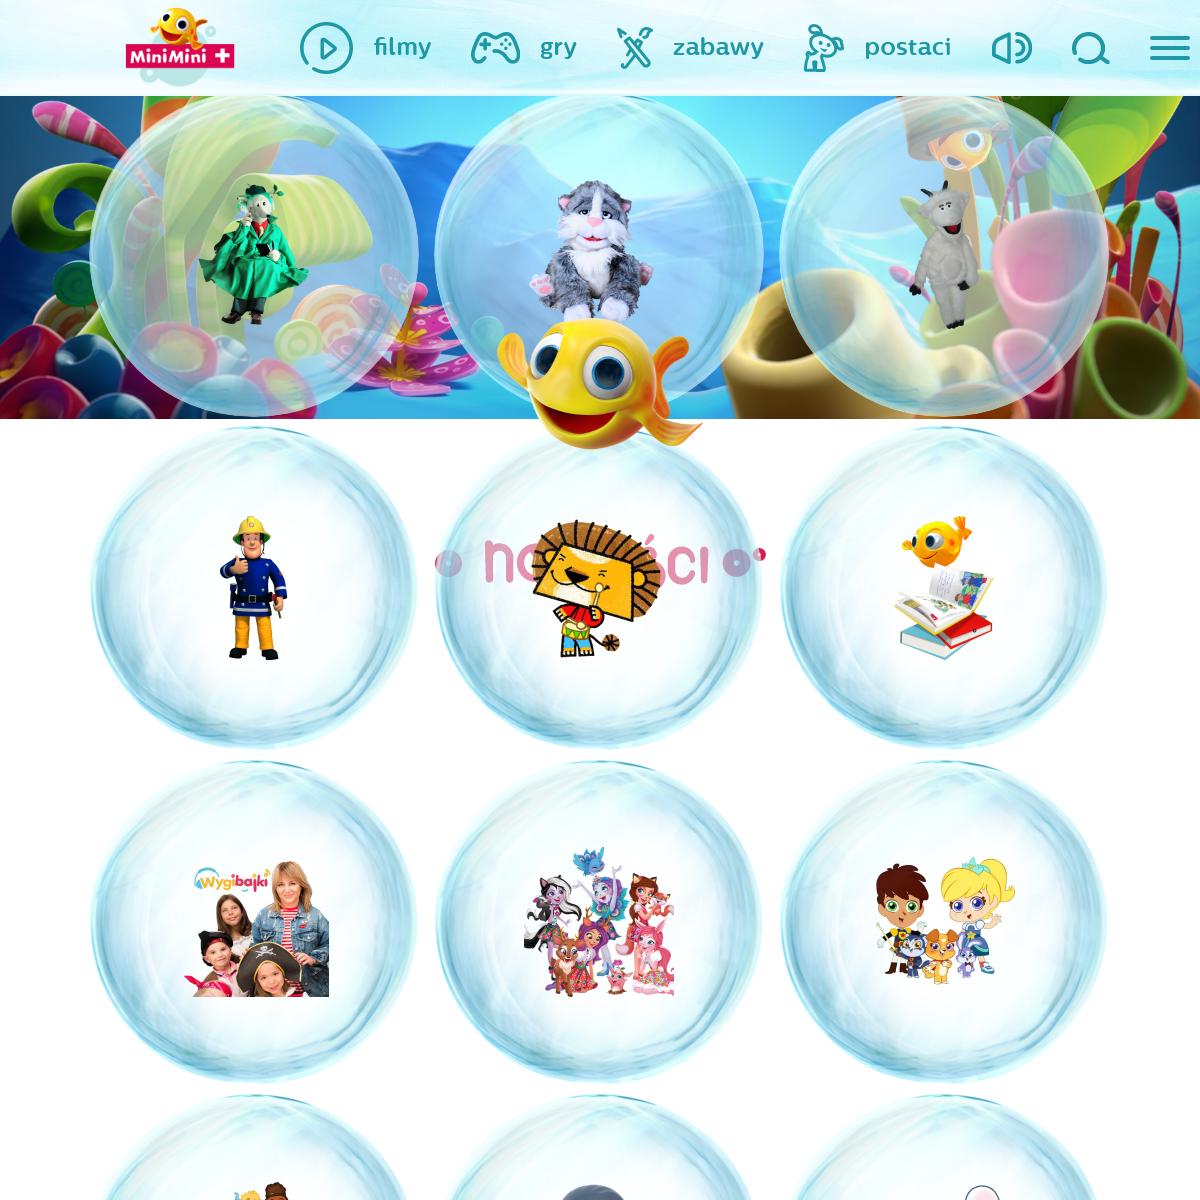 MiniMini+ edukacyjne gry i zabawy dla przedszkolaków - MiniMini+